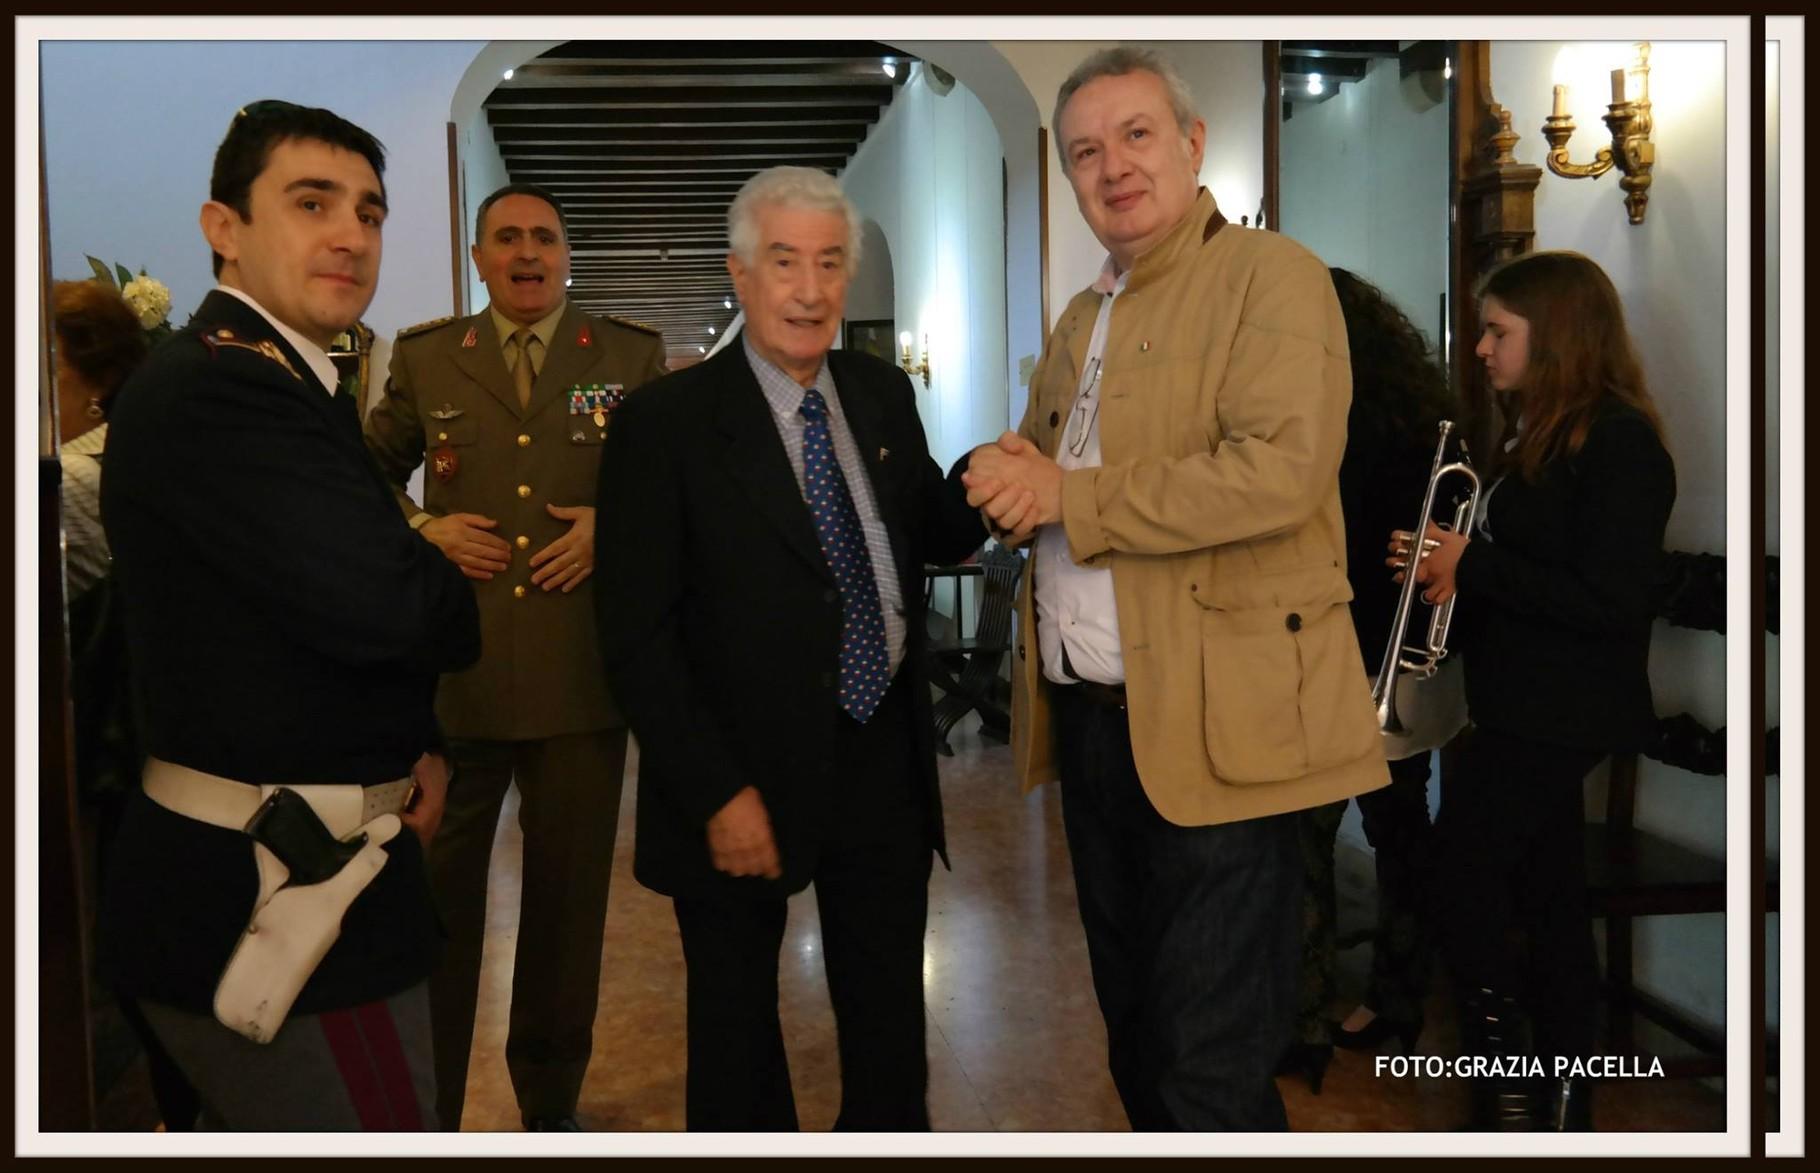 Il Generale Pisani con il Comandante Vitucci del Circolo Ufficiali dell'Esercito di Verona e il regista Mauro Vittorio Quattrina